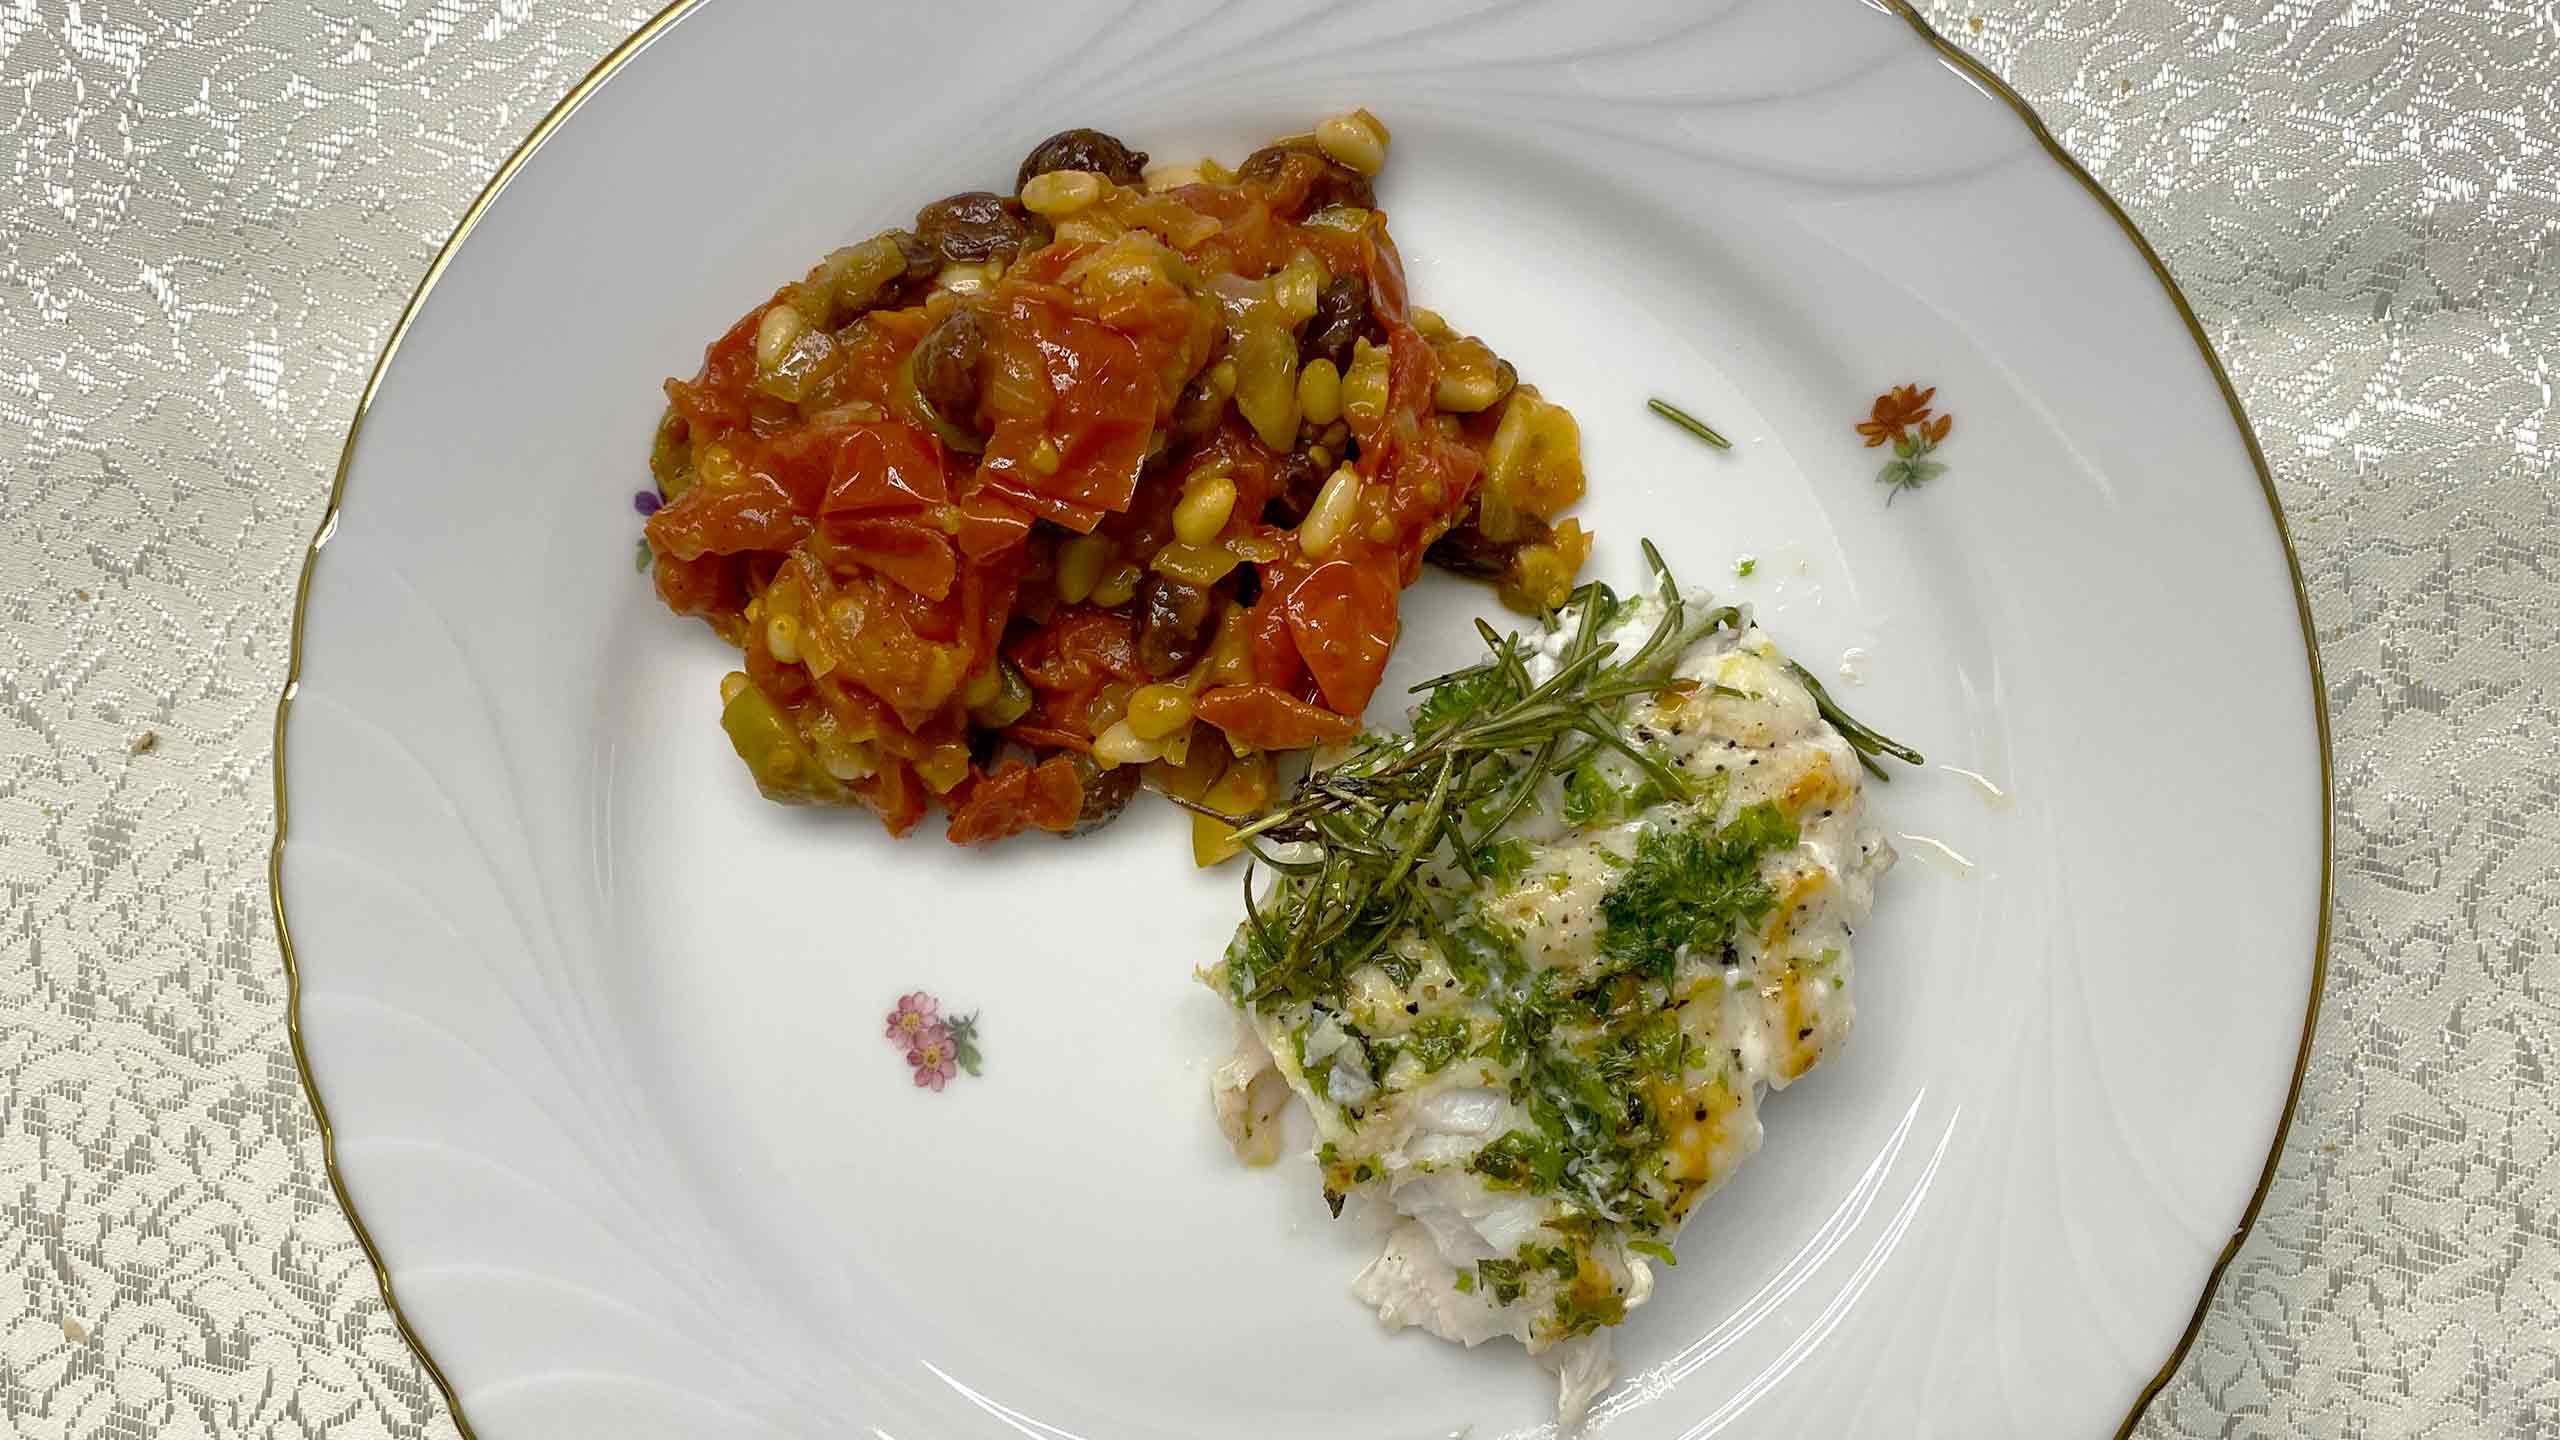 לוקוס ברוטב צלפים, זיתים ועגבניות